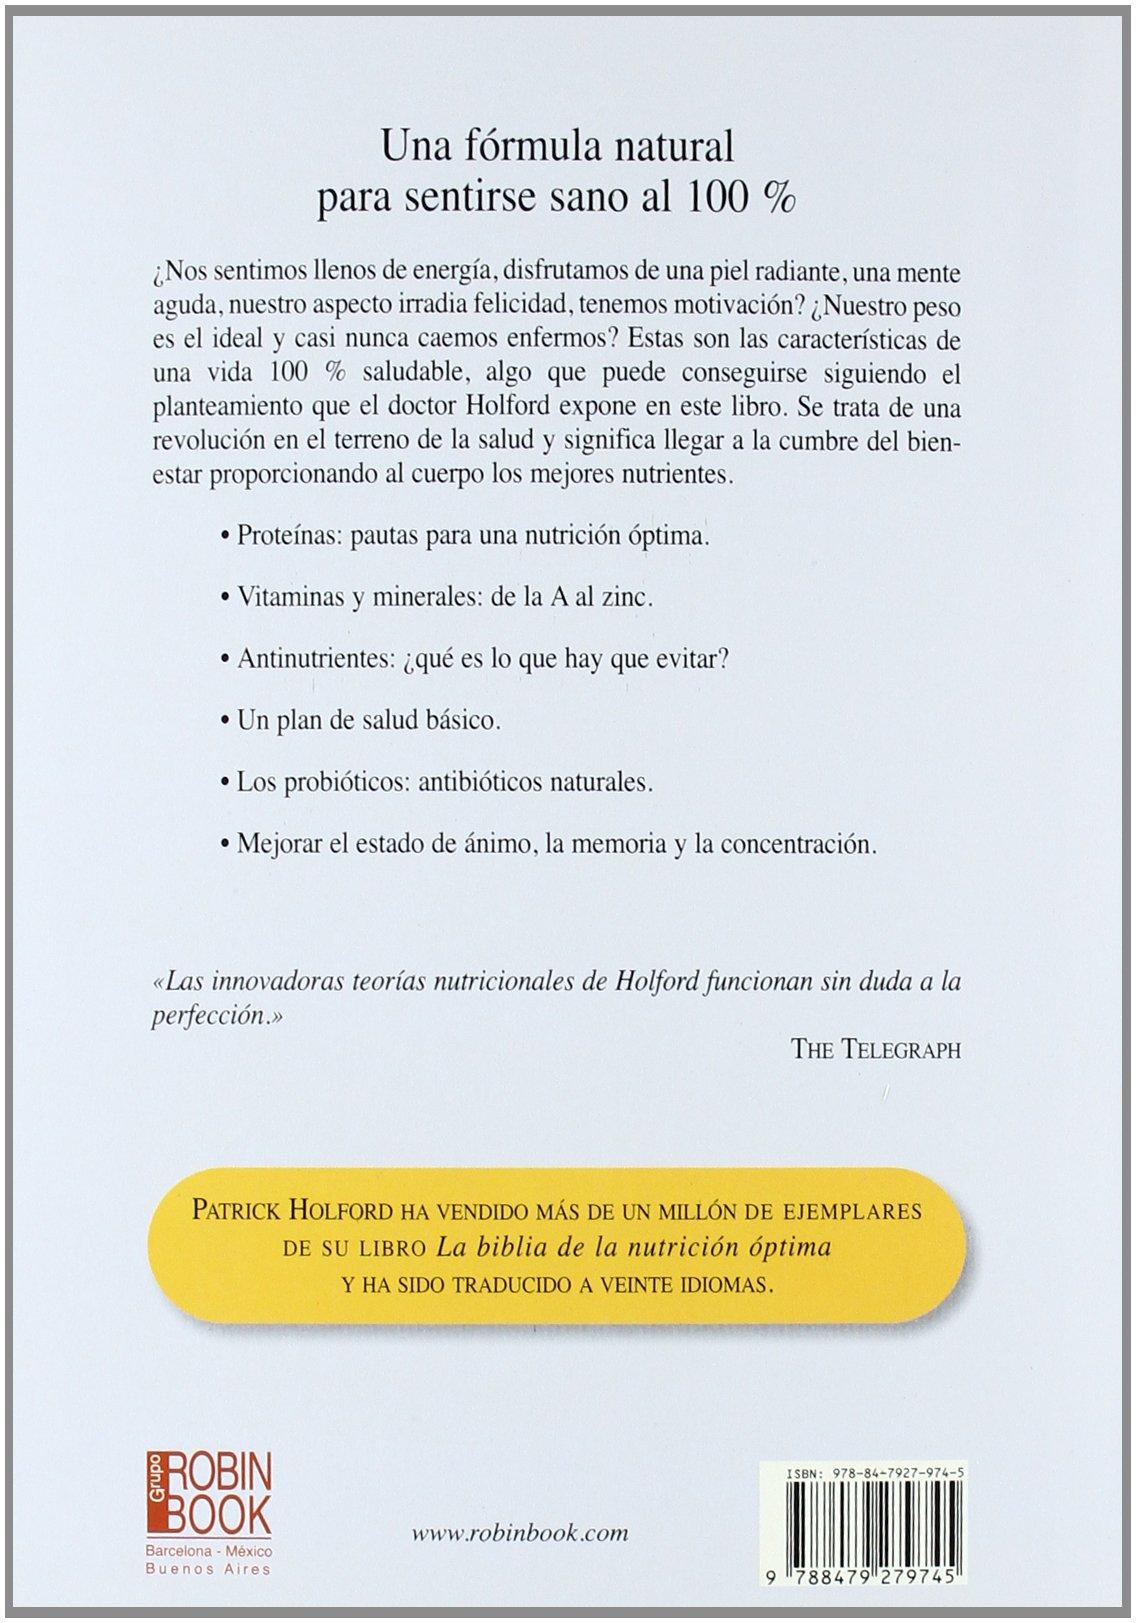 Nutrición óptima: Guía fácil: Un plan de acción saludable para una vida mejor (Spanish Edition): Patrick Holford, Susannah Lawson: 9788479279745: ...